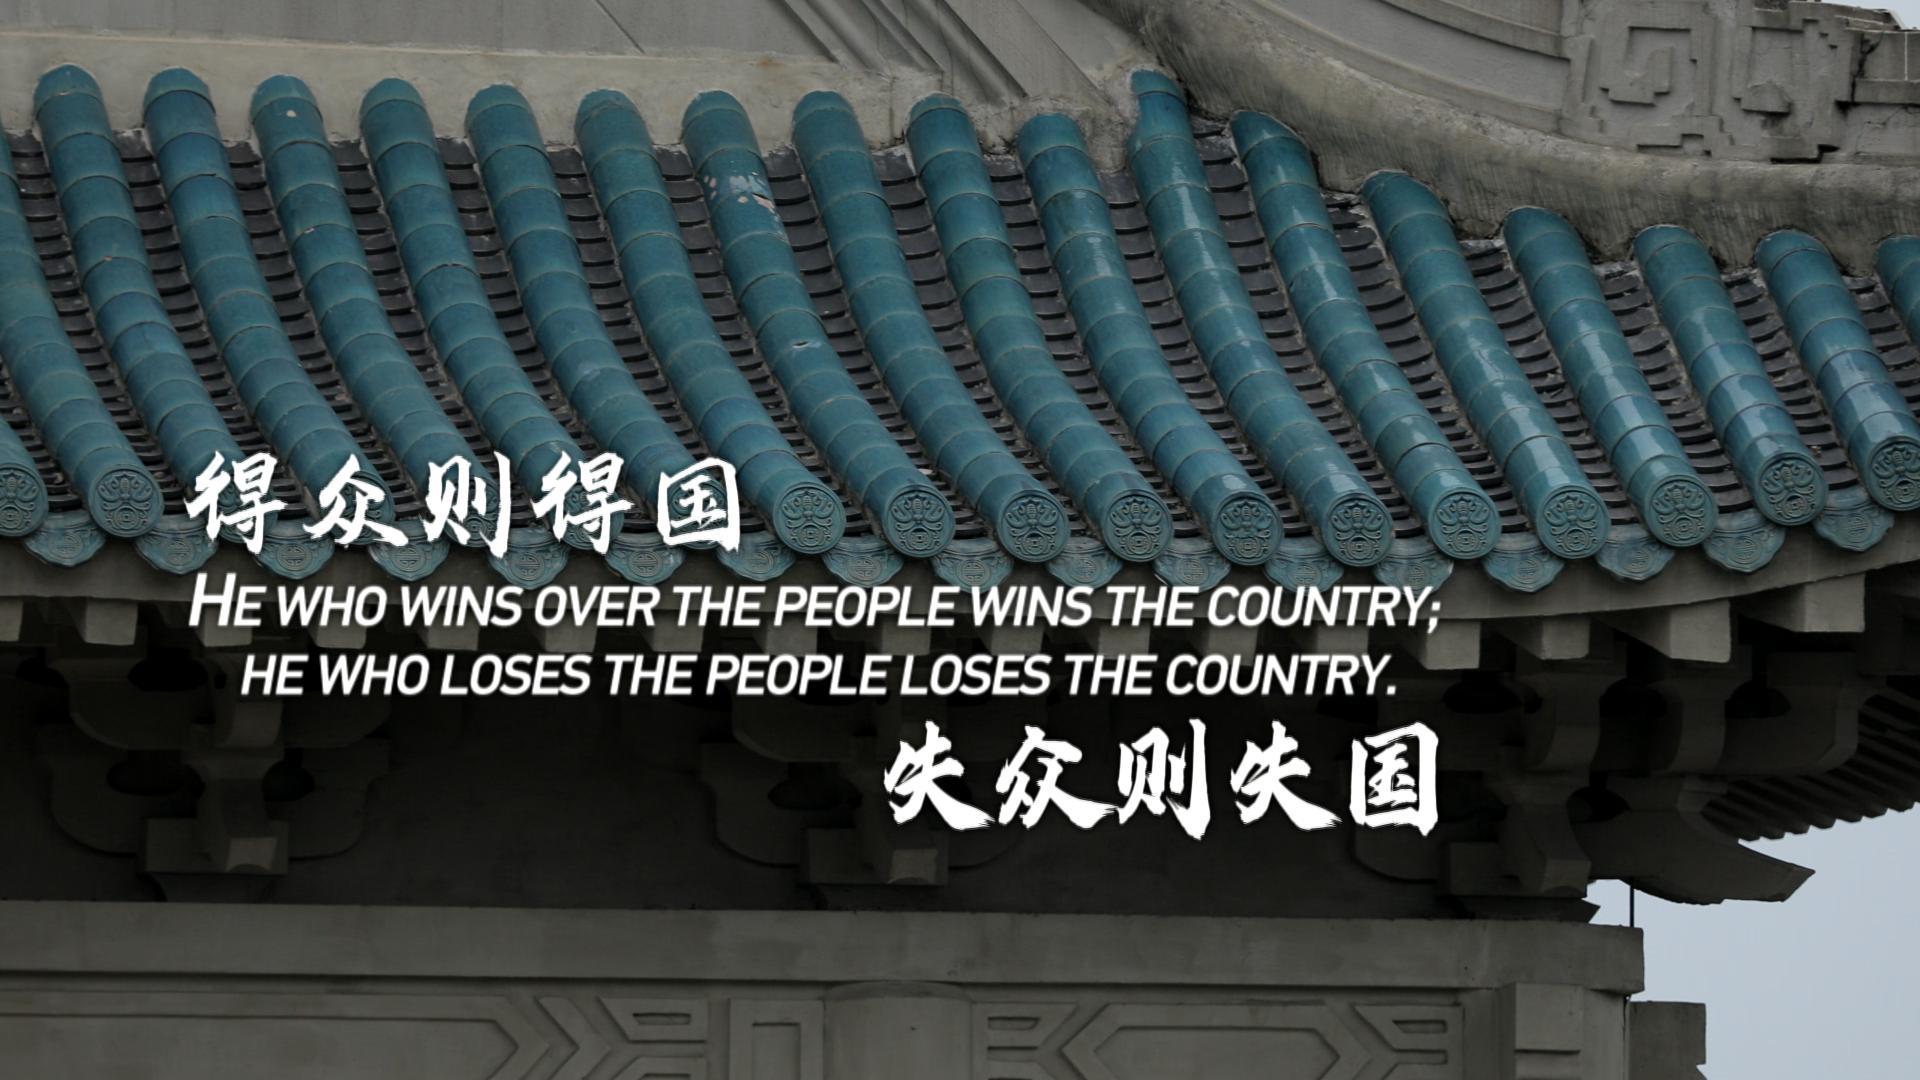 """《经典里的中国智慧——平""""语""""近人(国际版)》(第一季)5月6日多语种平台上线"""